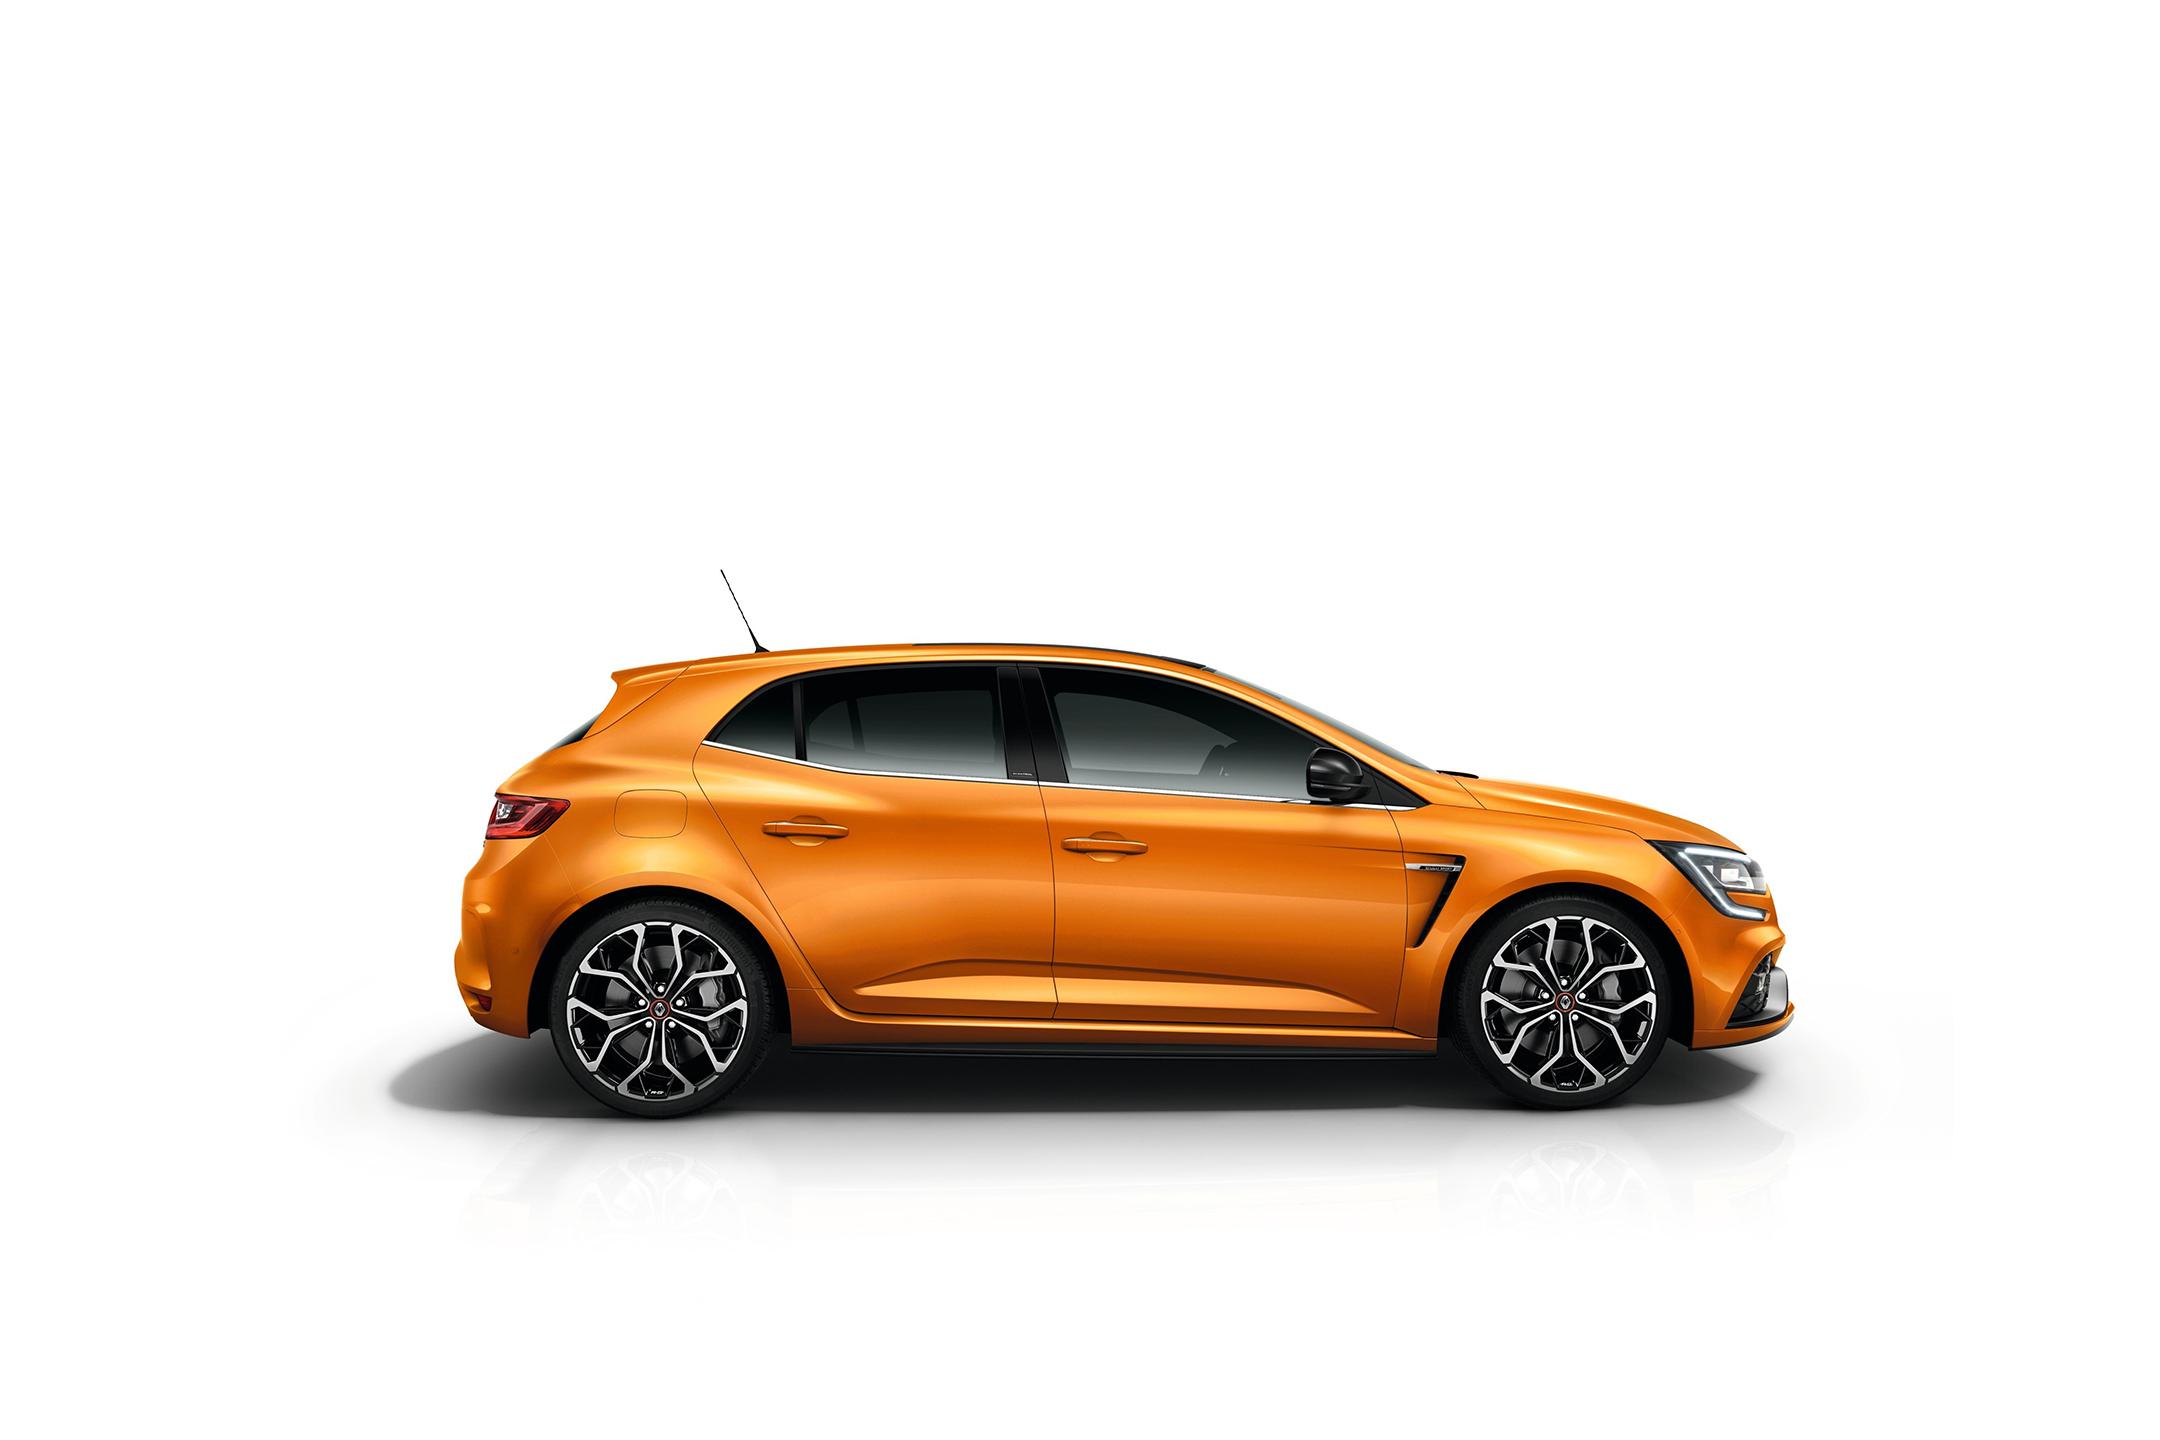 Renault Mégane R.S. - 2017 - side-face / profil